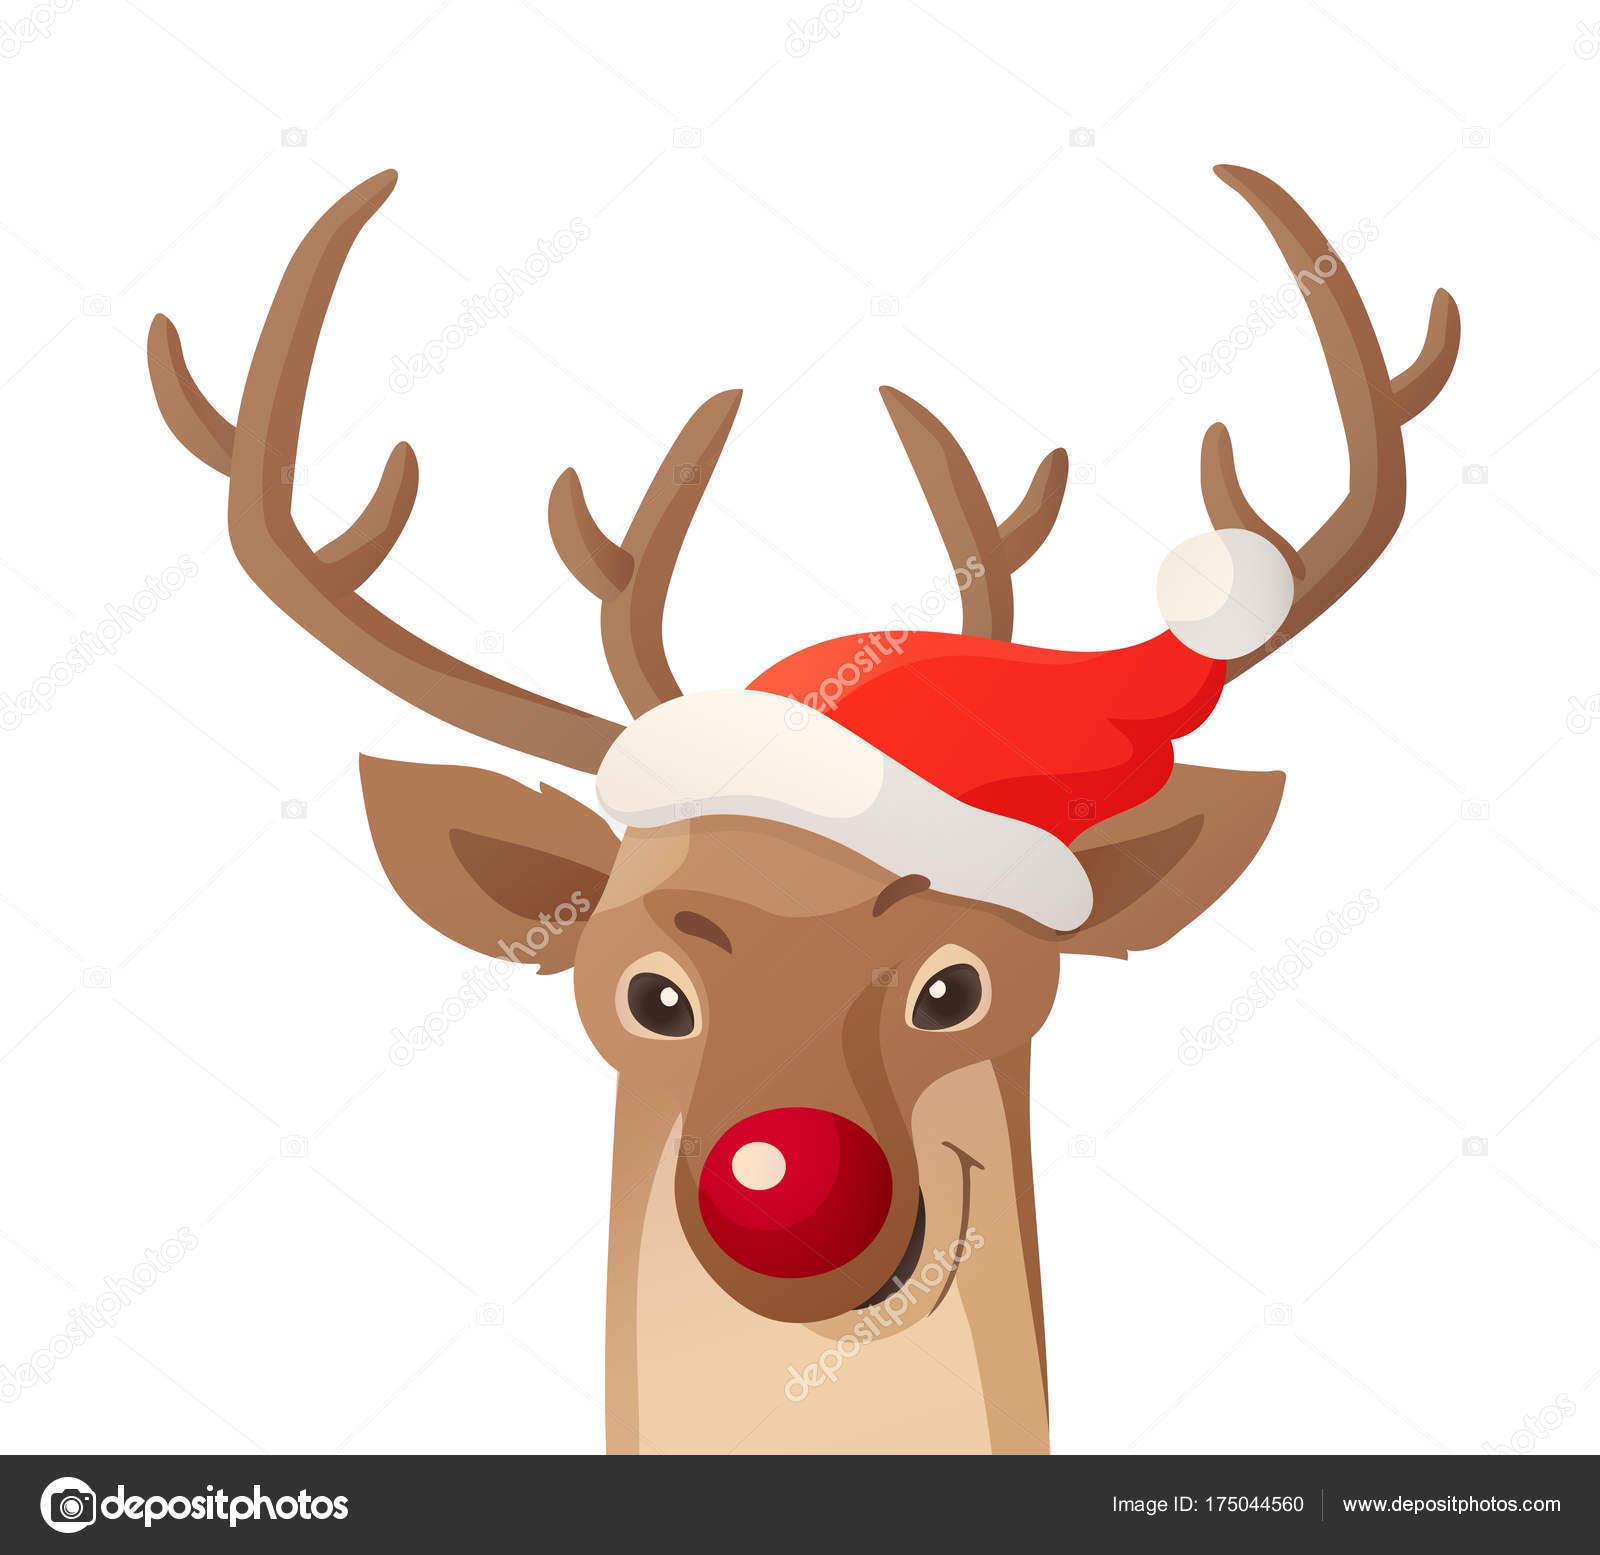 Cartoon Weihnachten Illustration. Lustige Rudolph rote Nase Rentier ...